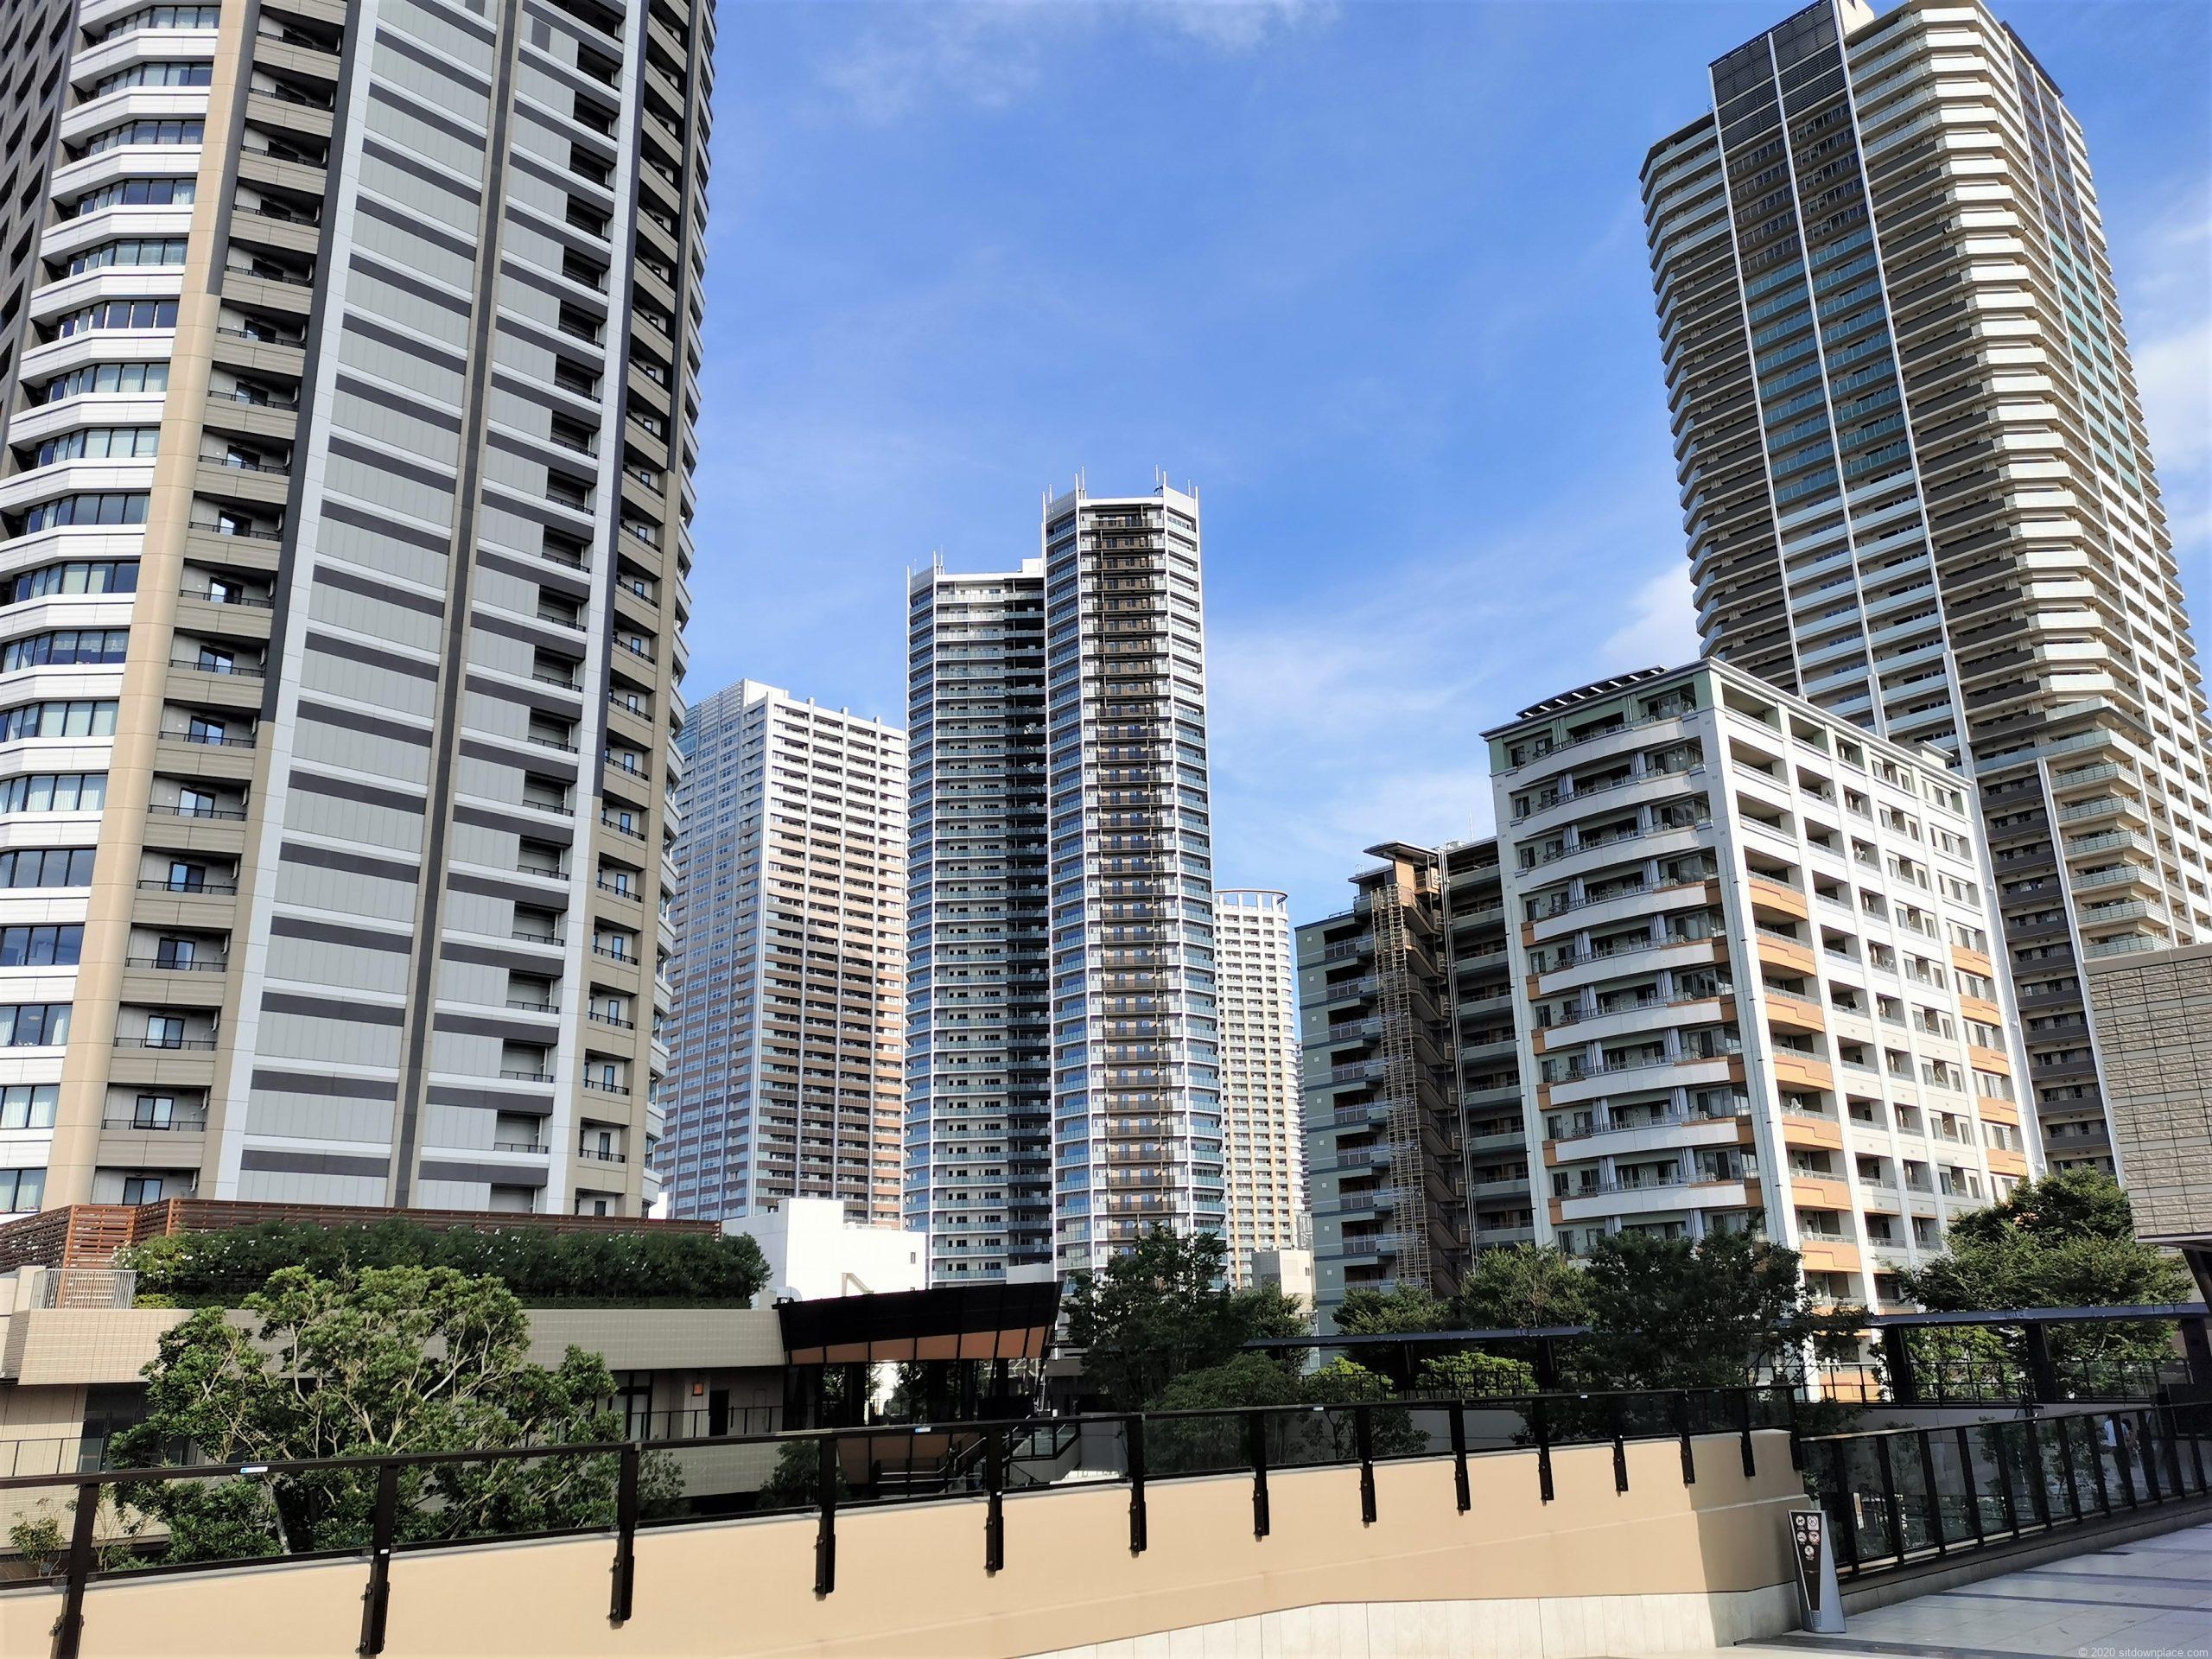 武蔵小杉駅 パークシティ ザ・ガーデン 屋上広場から見えるビルの景色